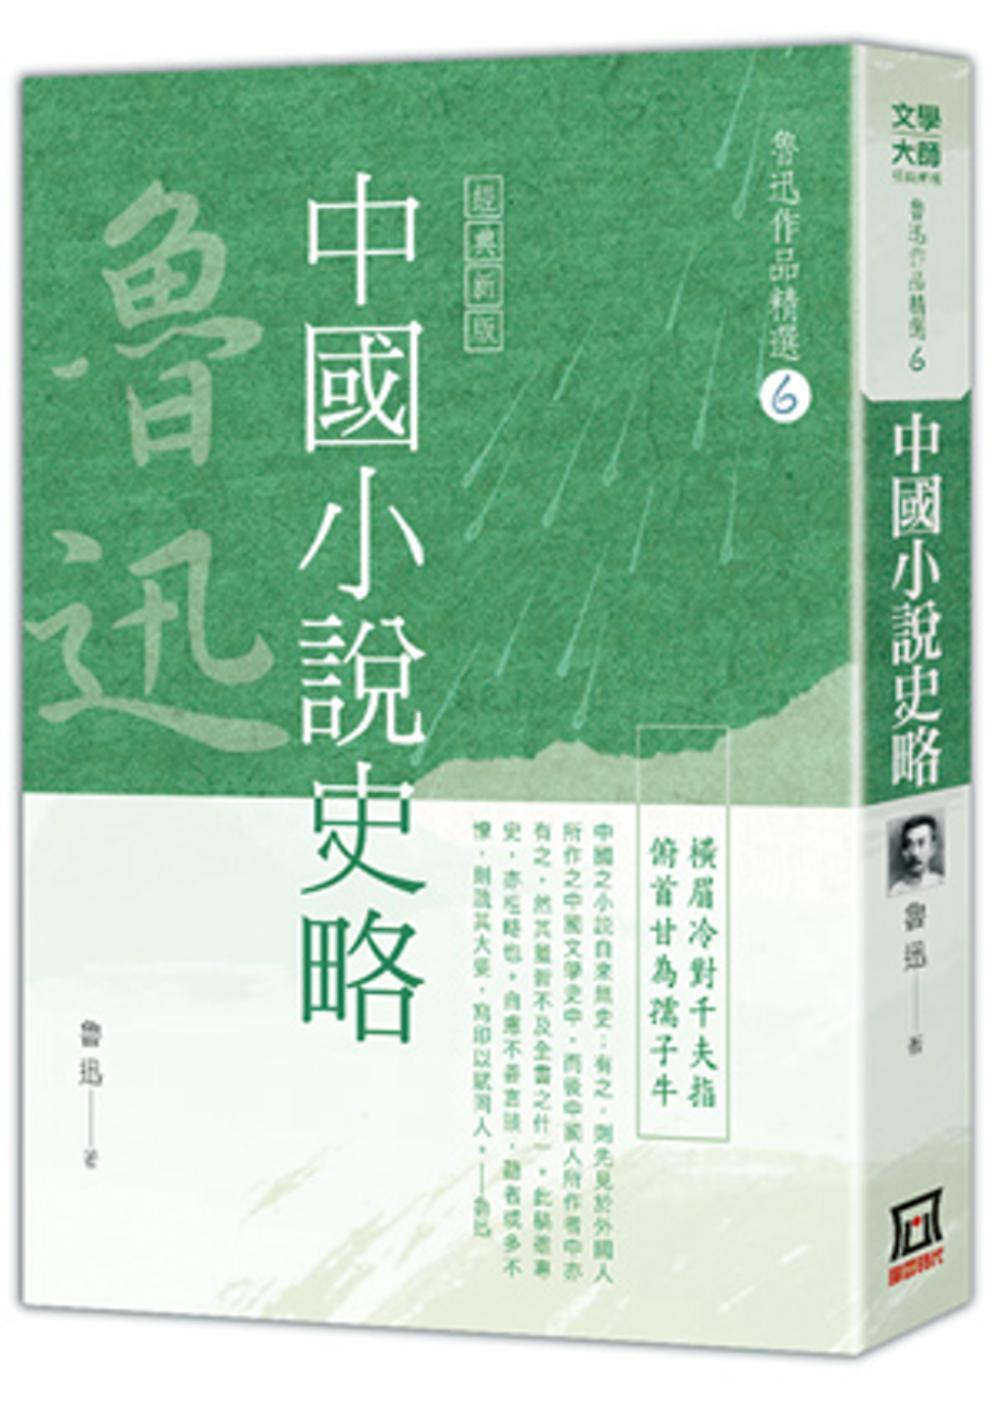 魯迅作品精選6:中國小說史略【經典新版】